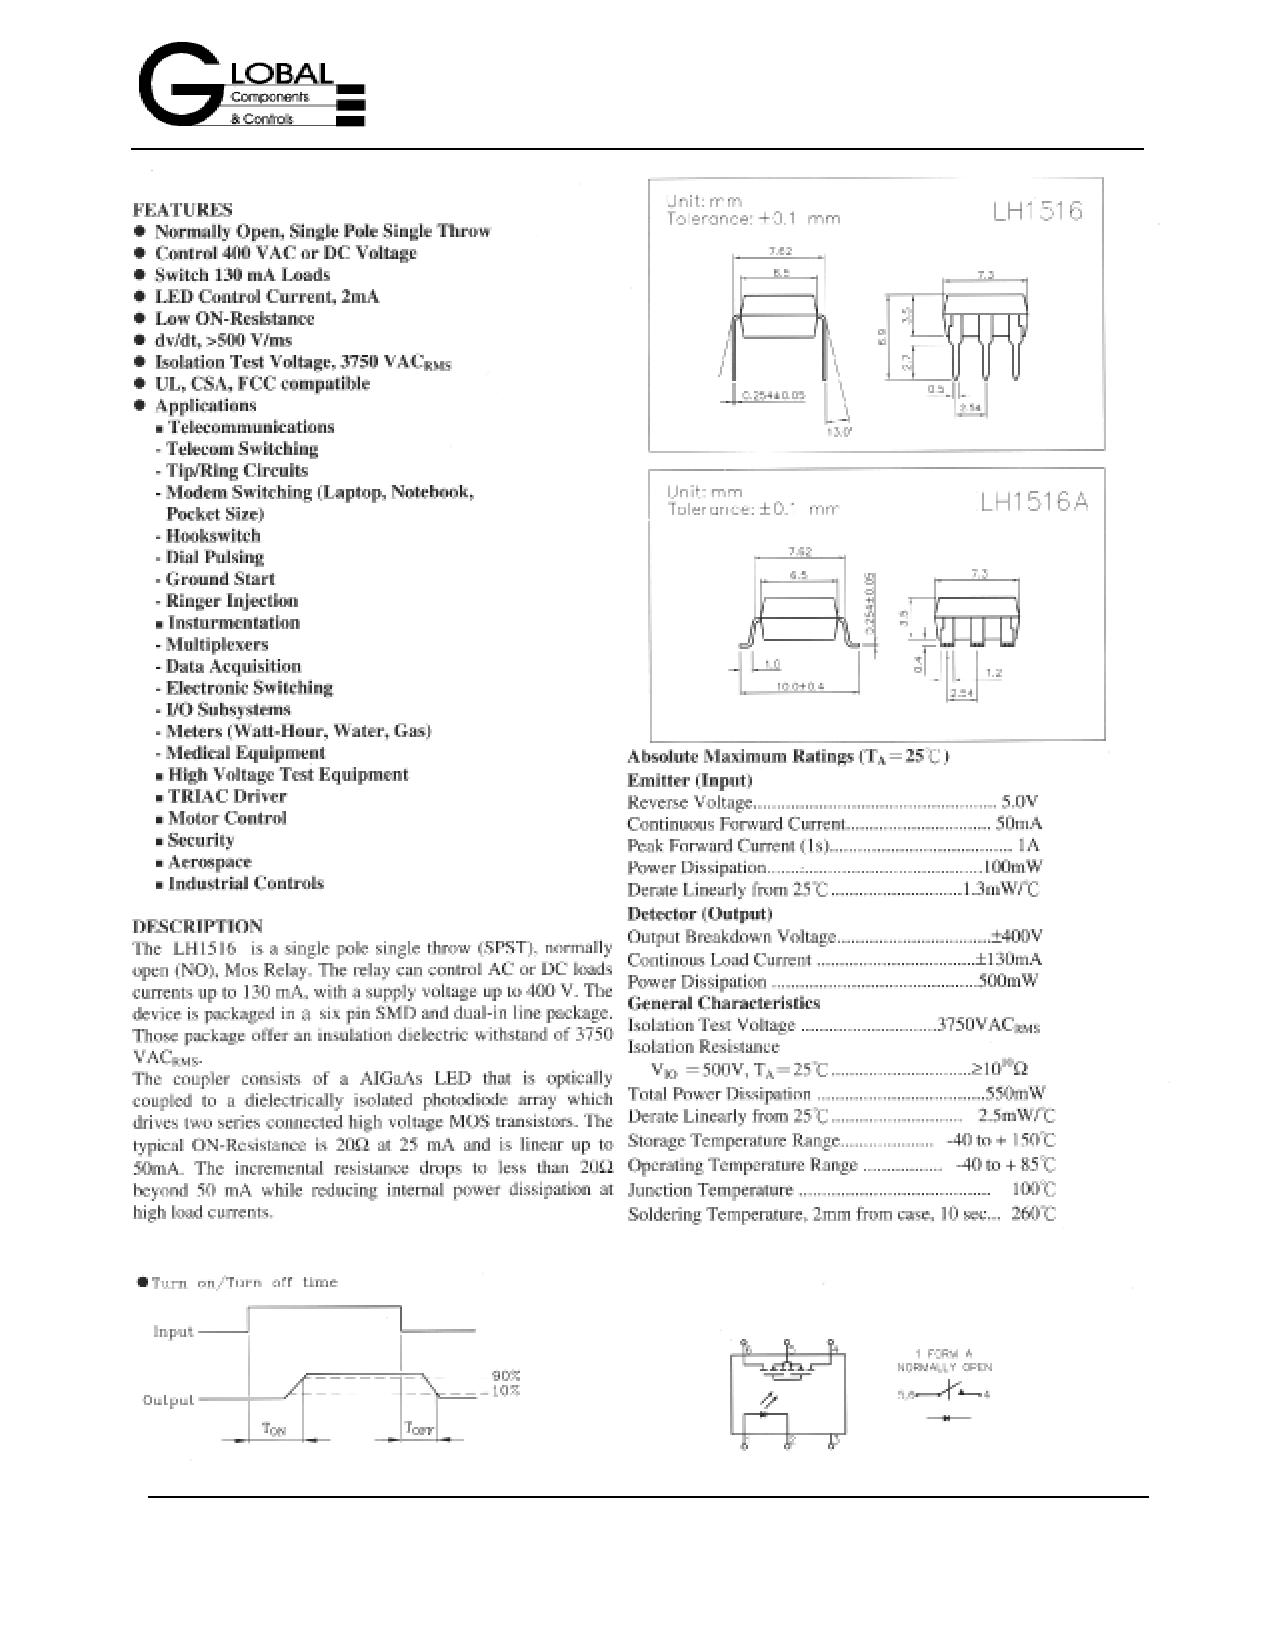 LH1516A دیتاشیت PDF